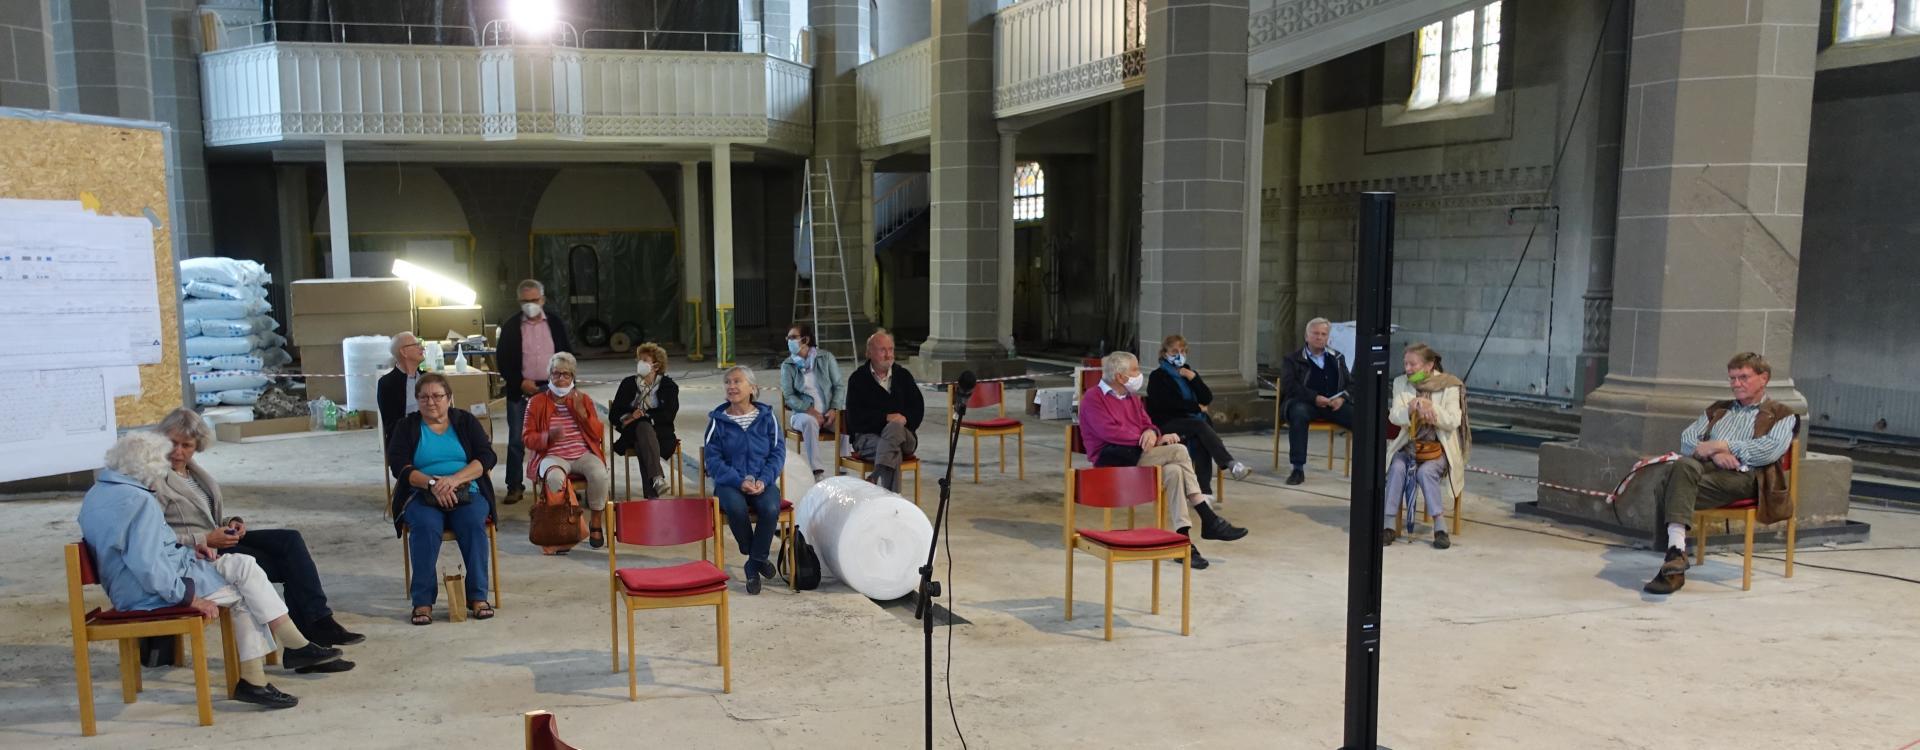 Bild 739 zeigt einige Personen der Kirchenöffner_Innen